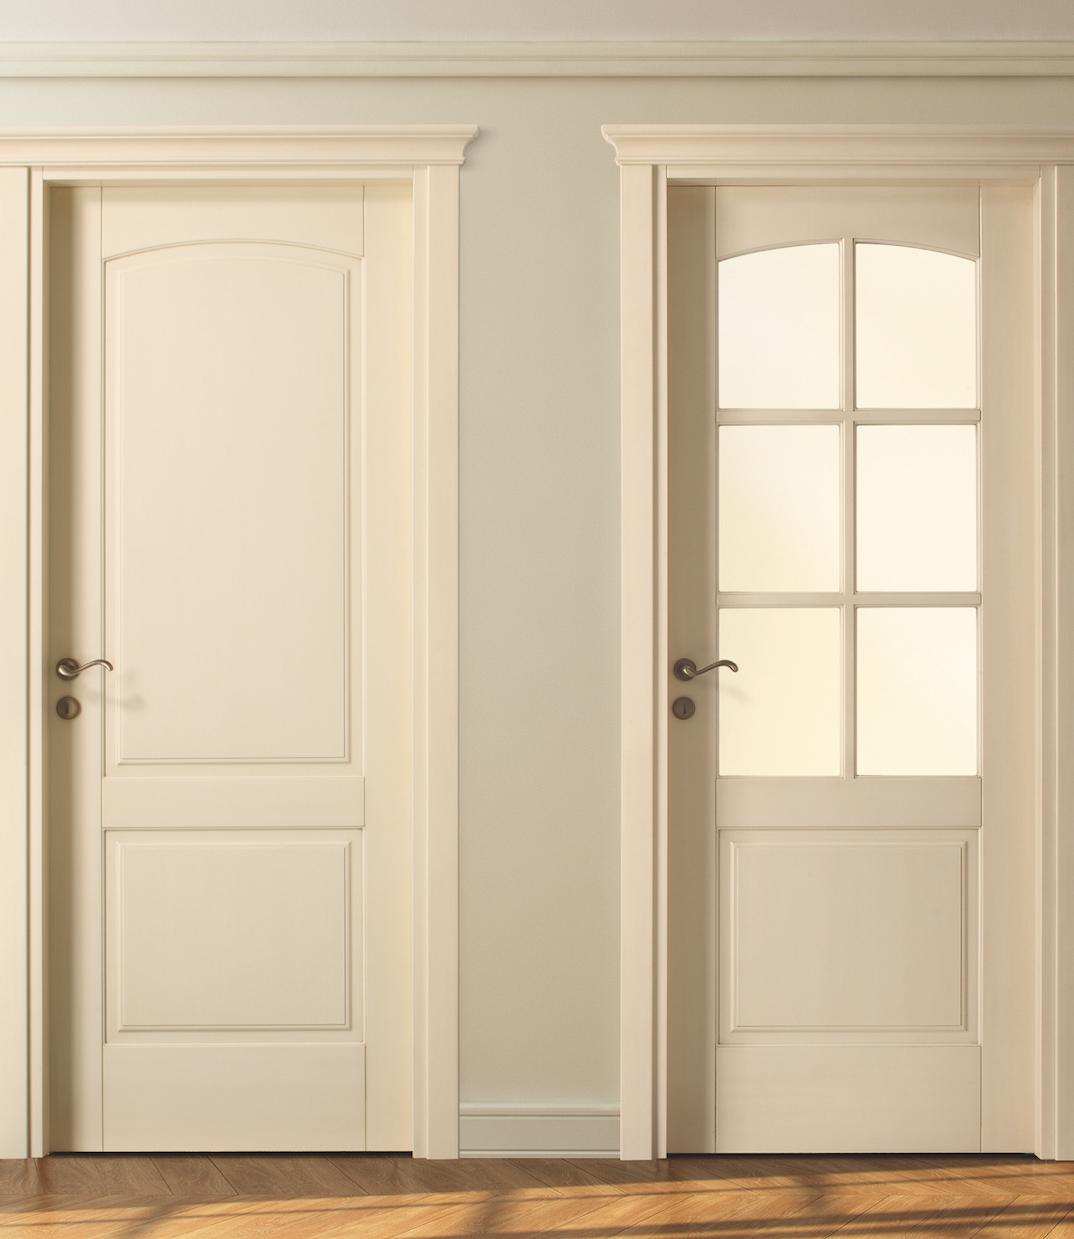 Juego de manillas bronce maria 803 escenarios de puerta for Manillas puertas interiores